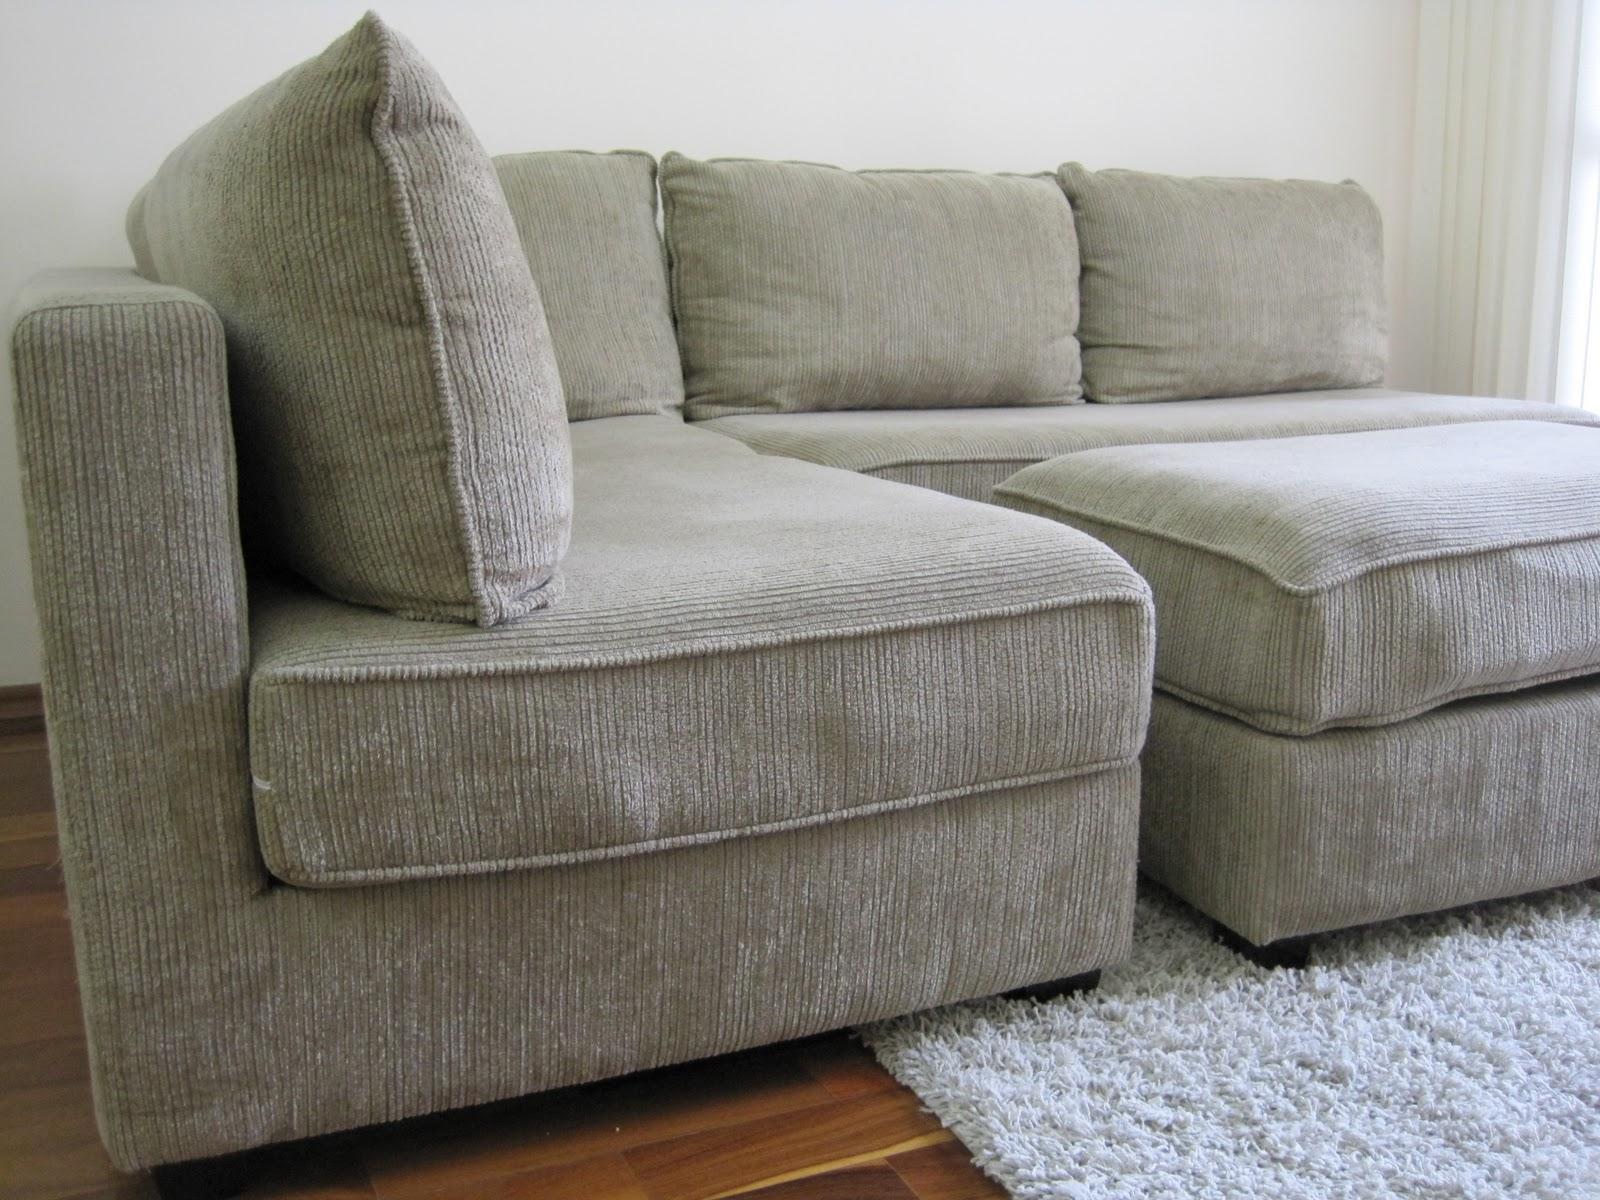 Loja De Fabrica Sofa E Colchoes Porangaba Slim Tables Plenitude Sofas Lojas Stkittsvilla